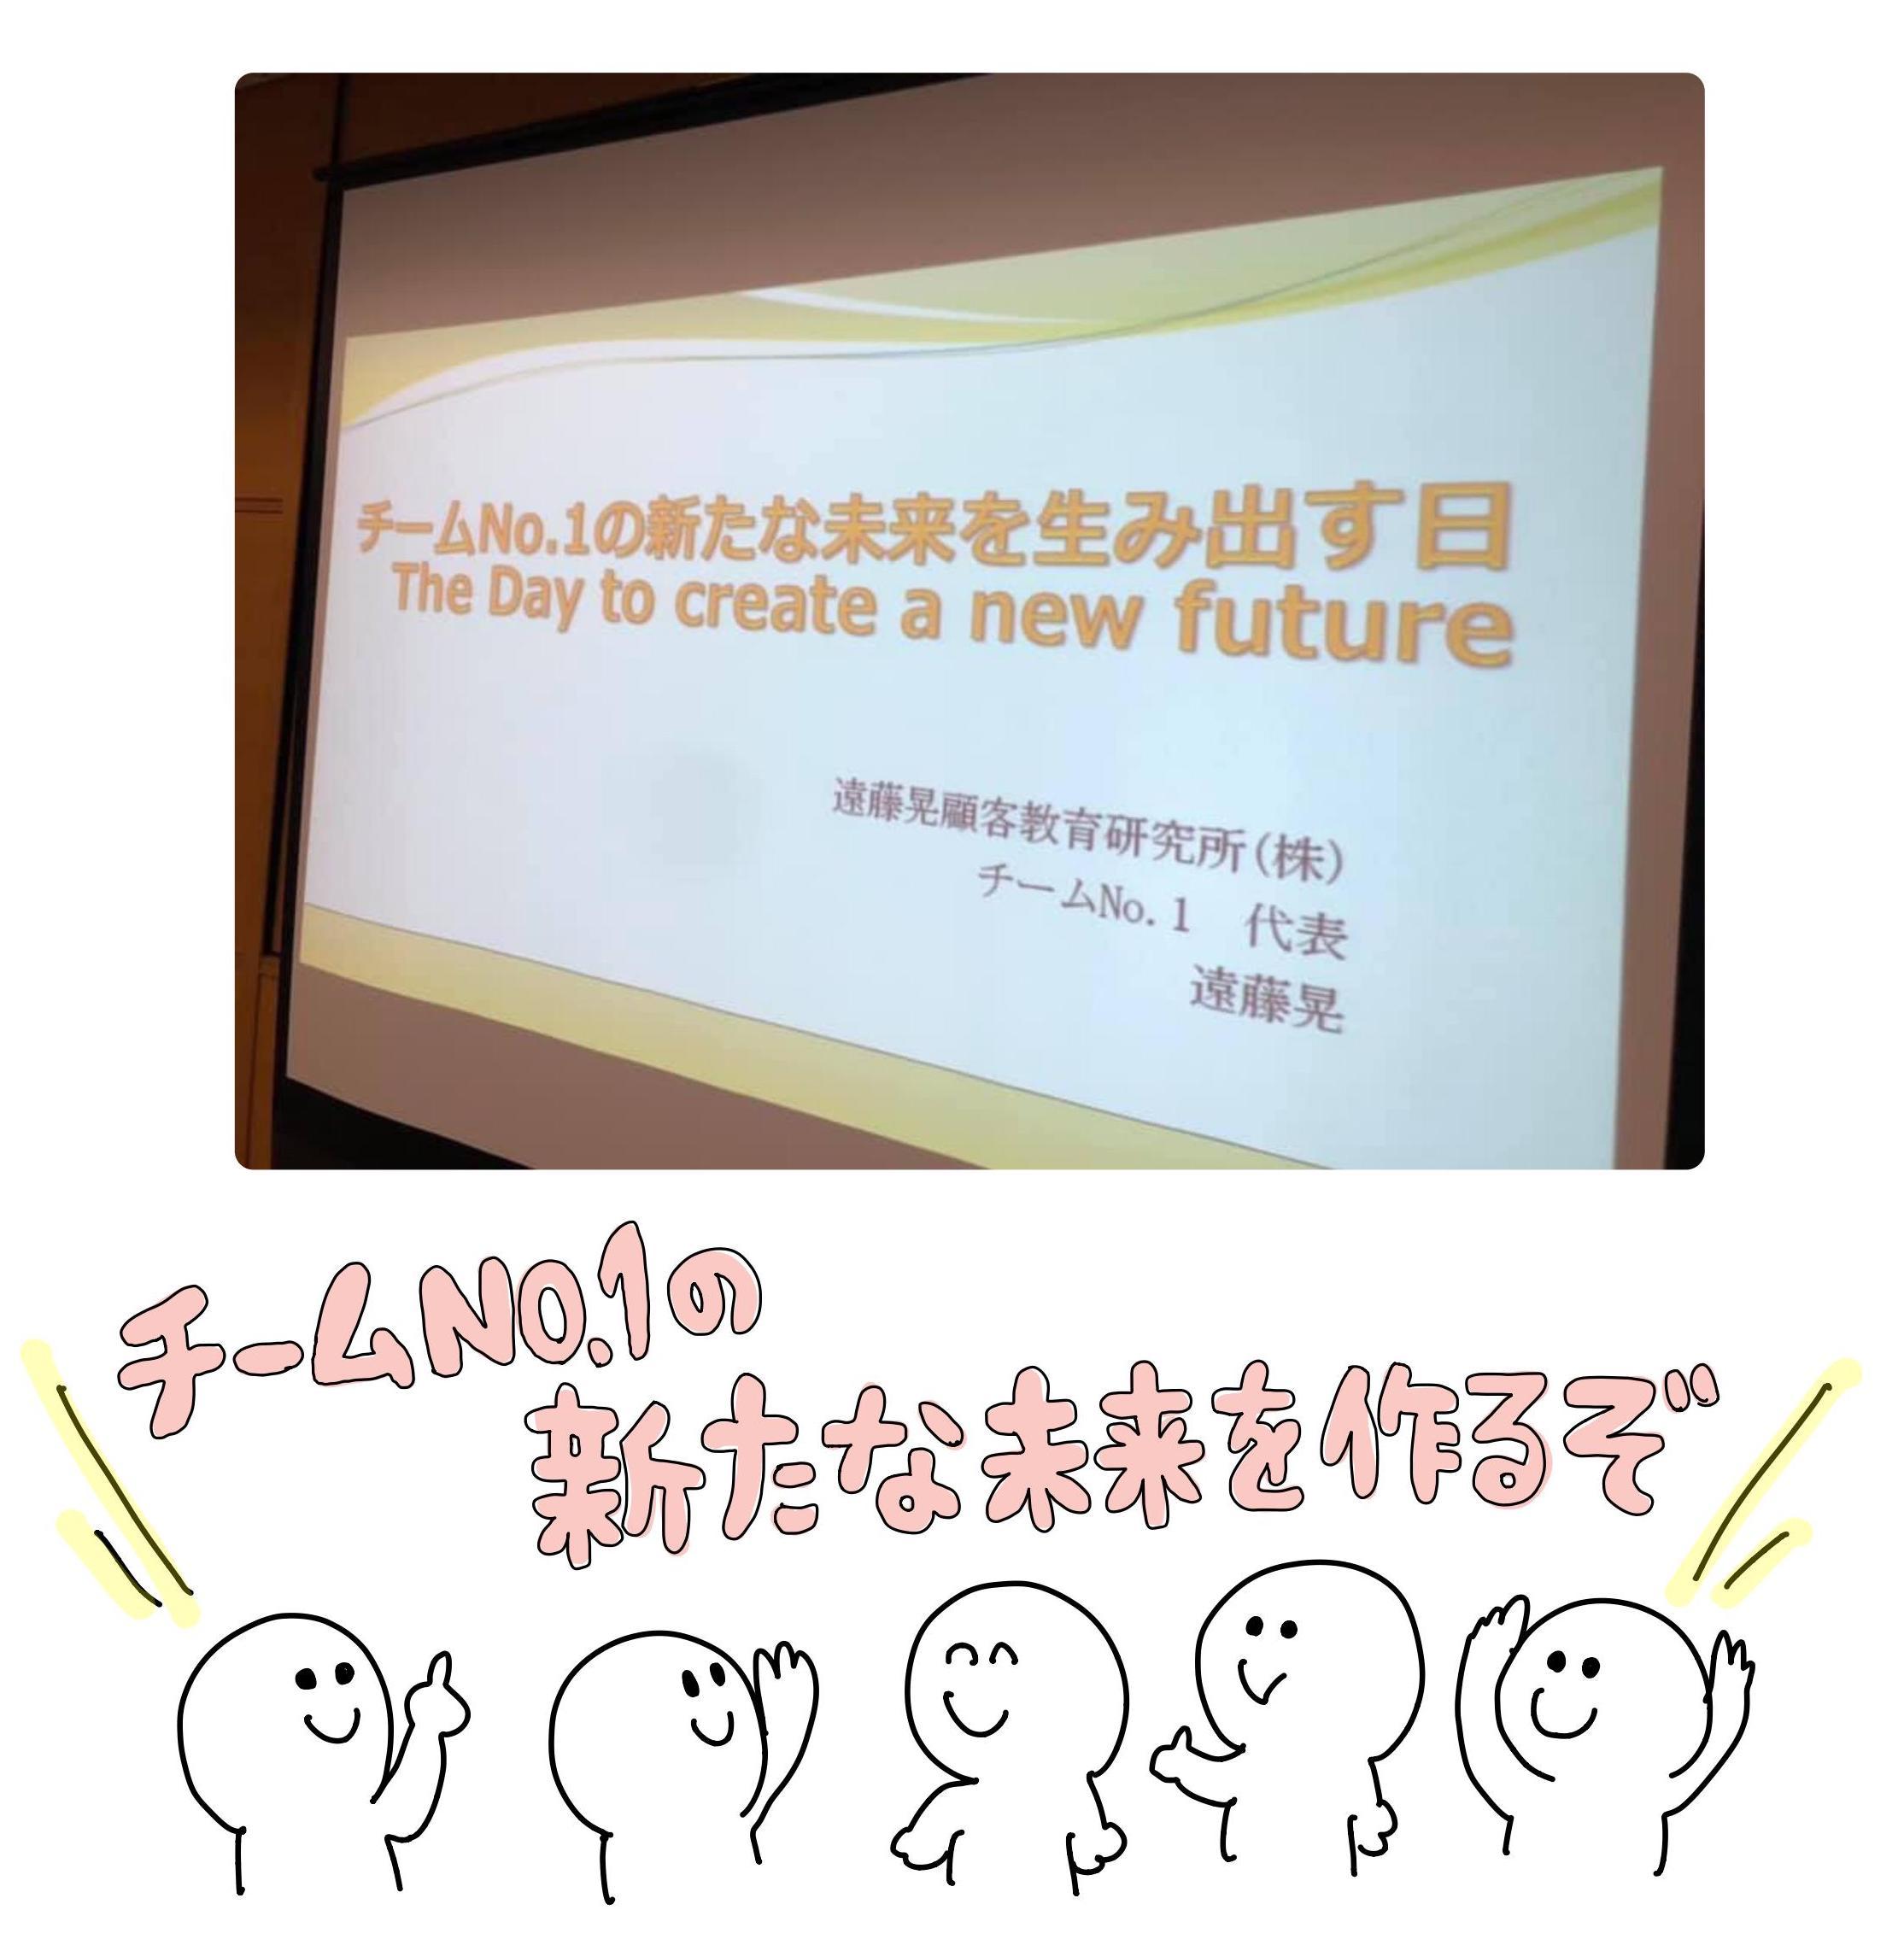 チームNo.1の未来を創造する合宿のスタート